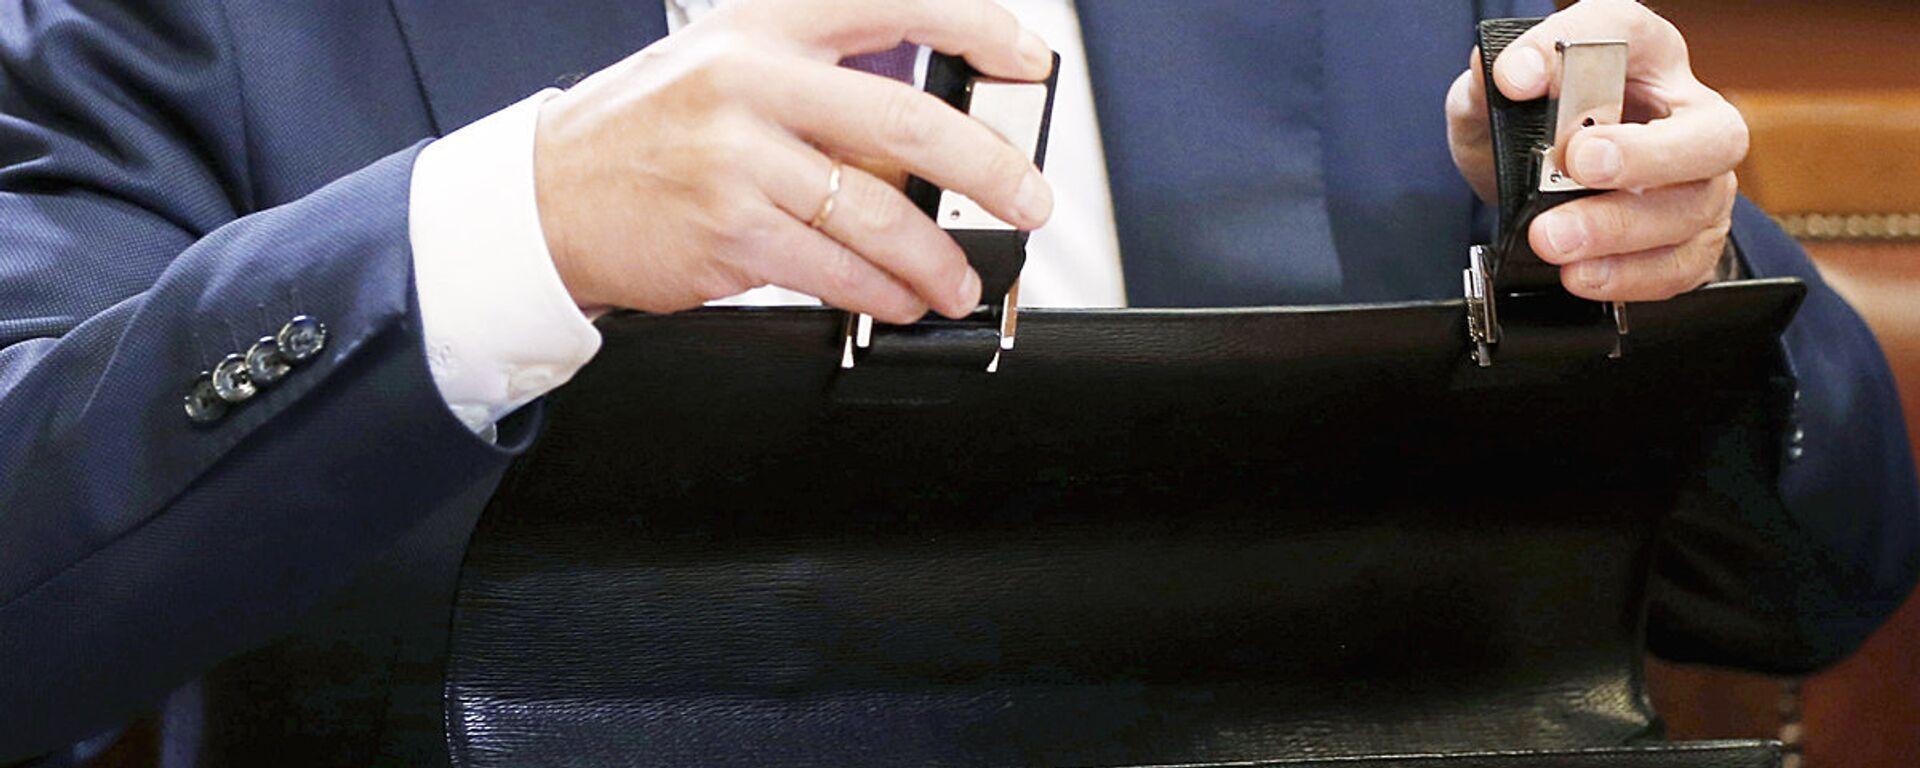 Мужчина закрывает портфель, архивное фото - Sputnik Тоҷикистон, 1920, 19.07.2021